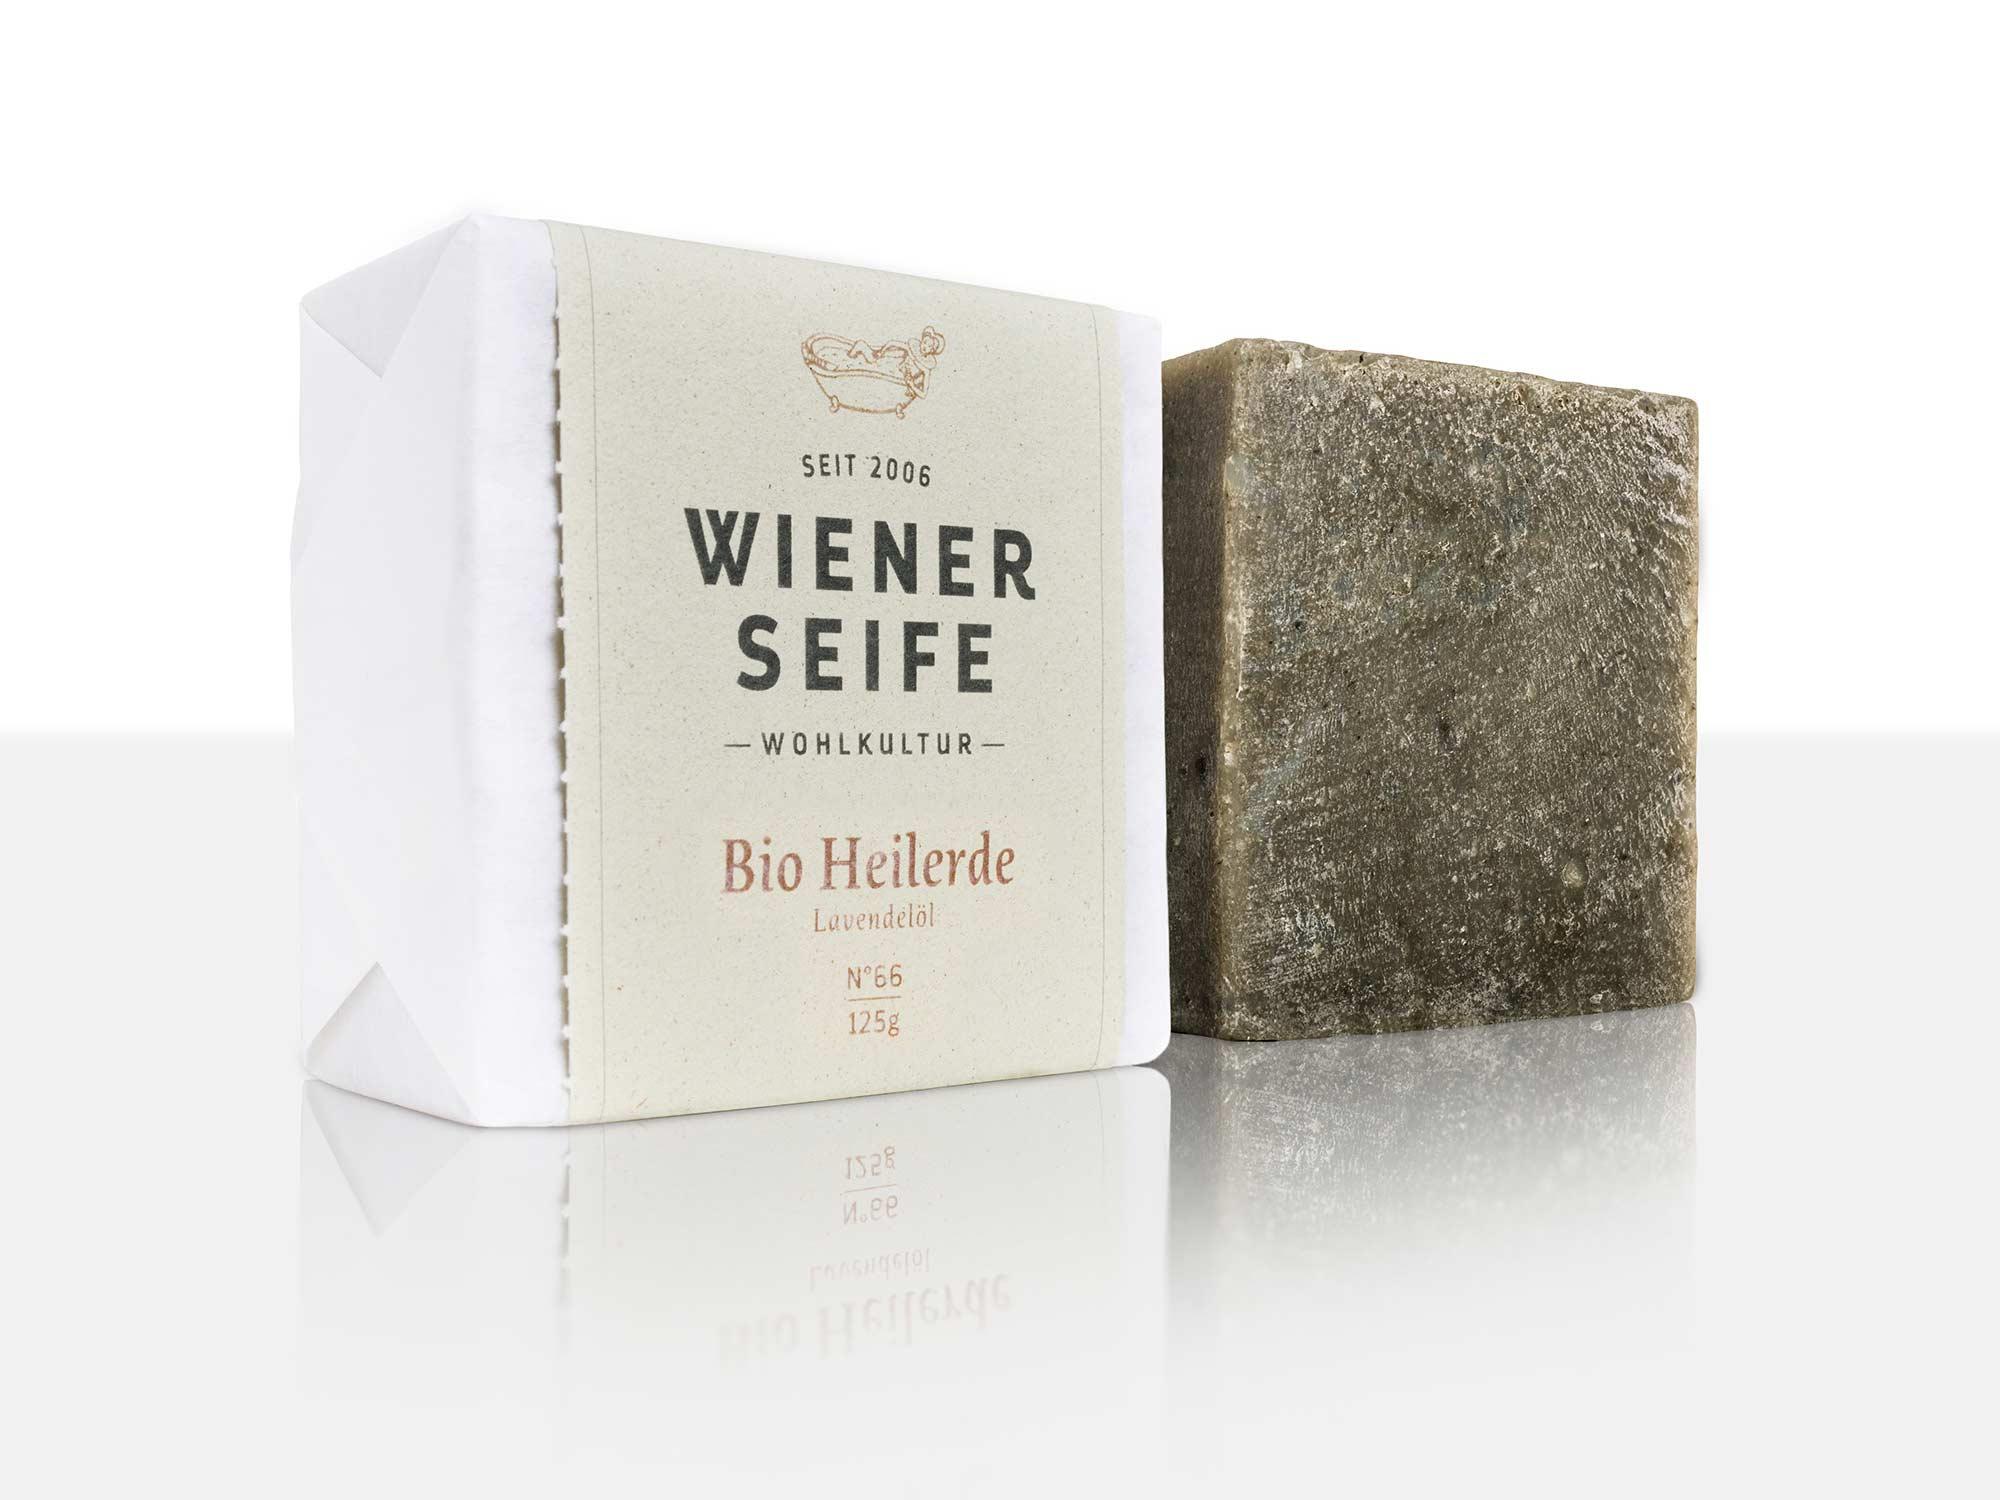 Haarseifen Wiener Seife Wohlkultur